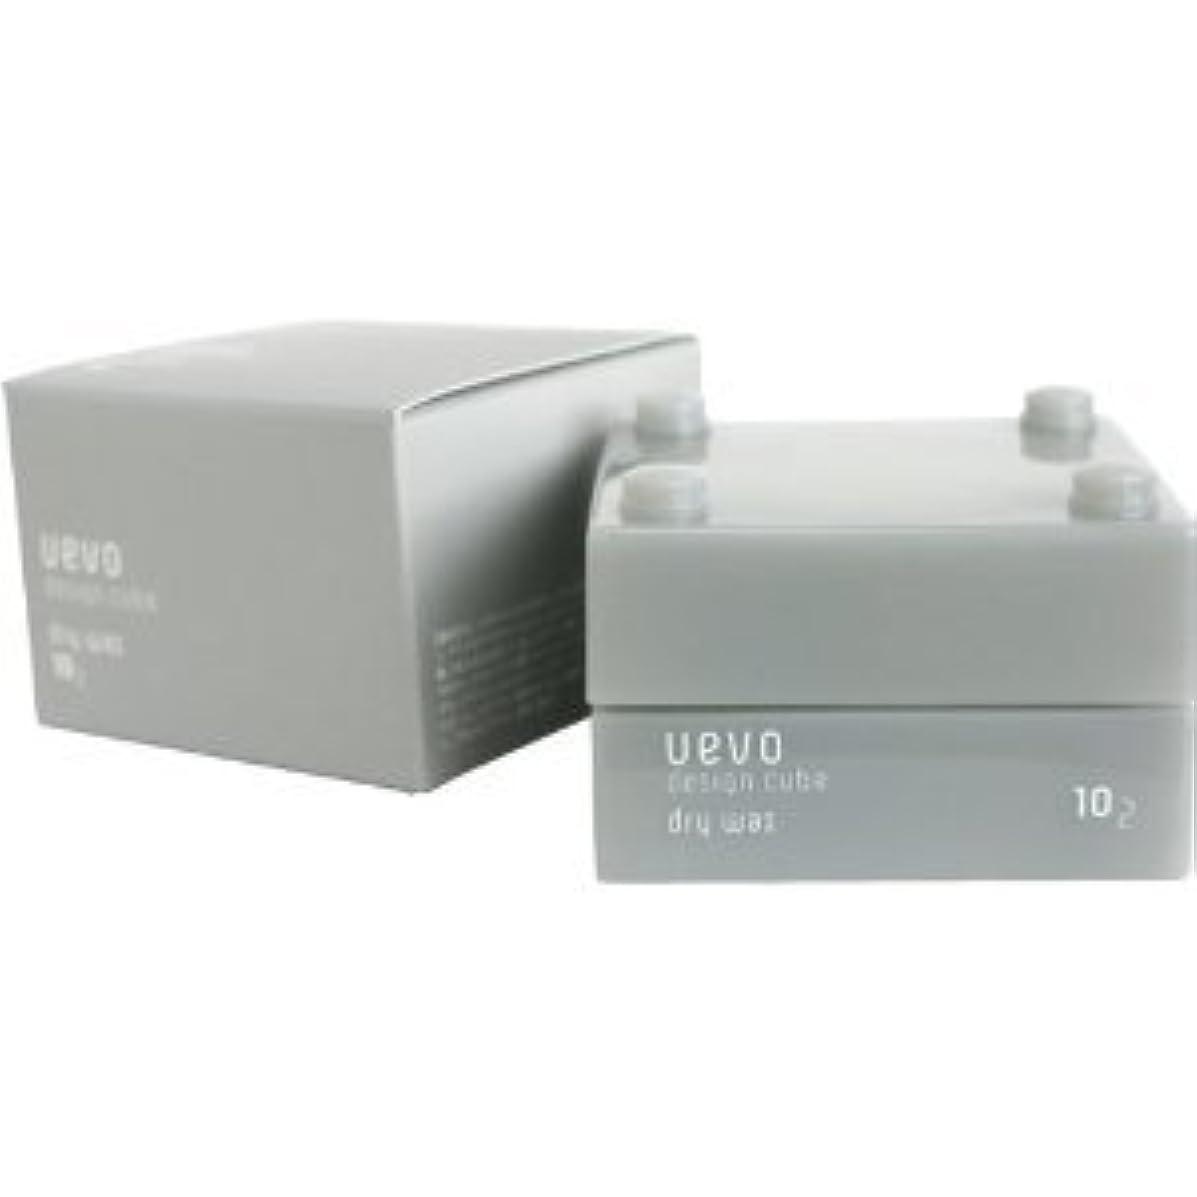 辛い明らか普通の【X2個セット】 デミ ウェーボ デザインキューブ ドライワックス 30g dry wax DEMI uevo design cube